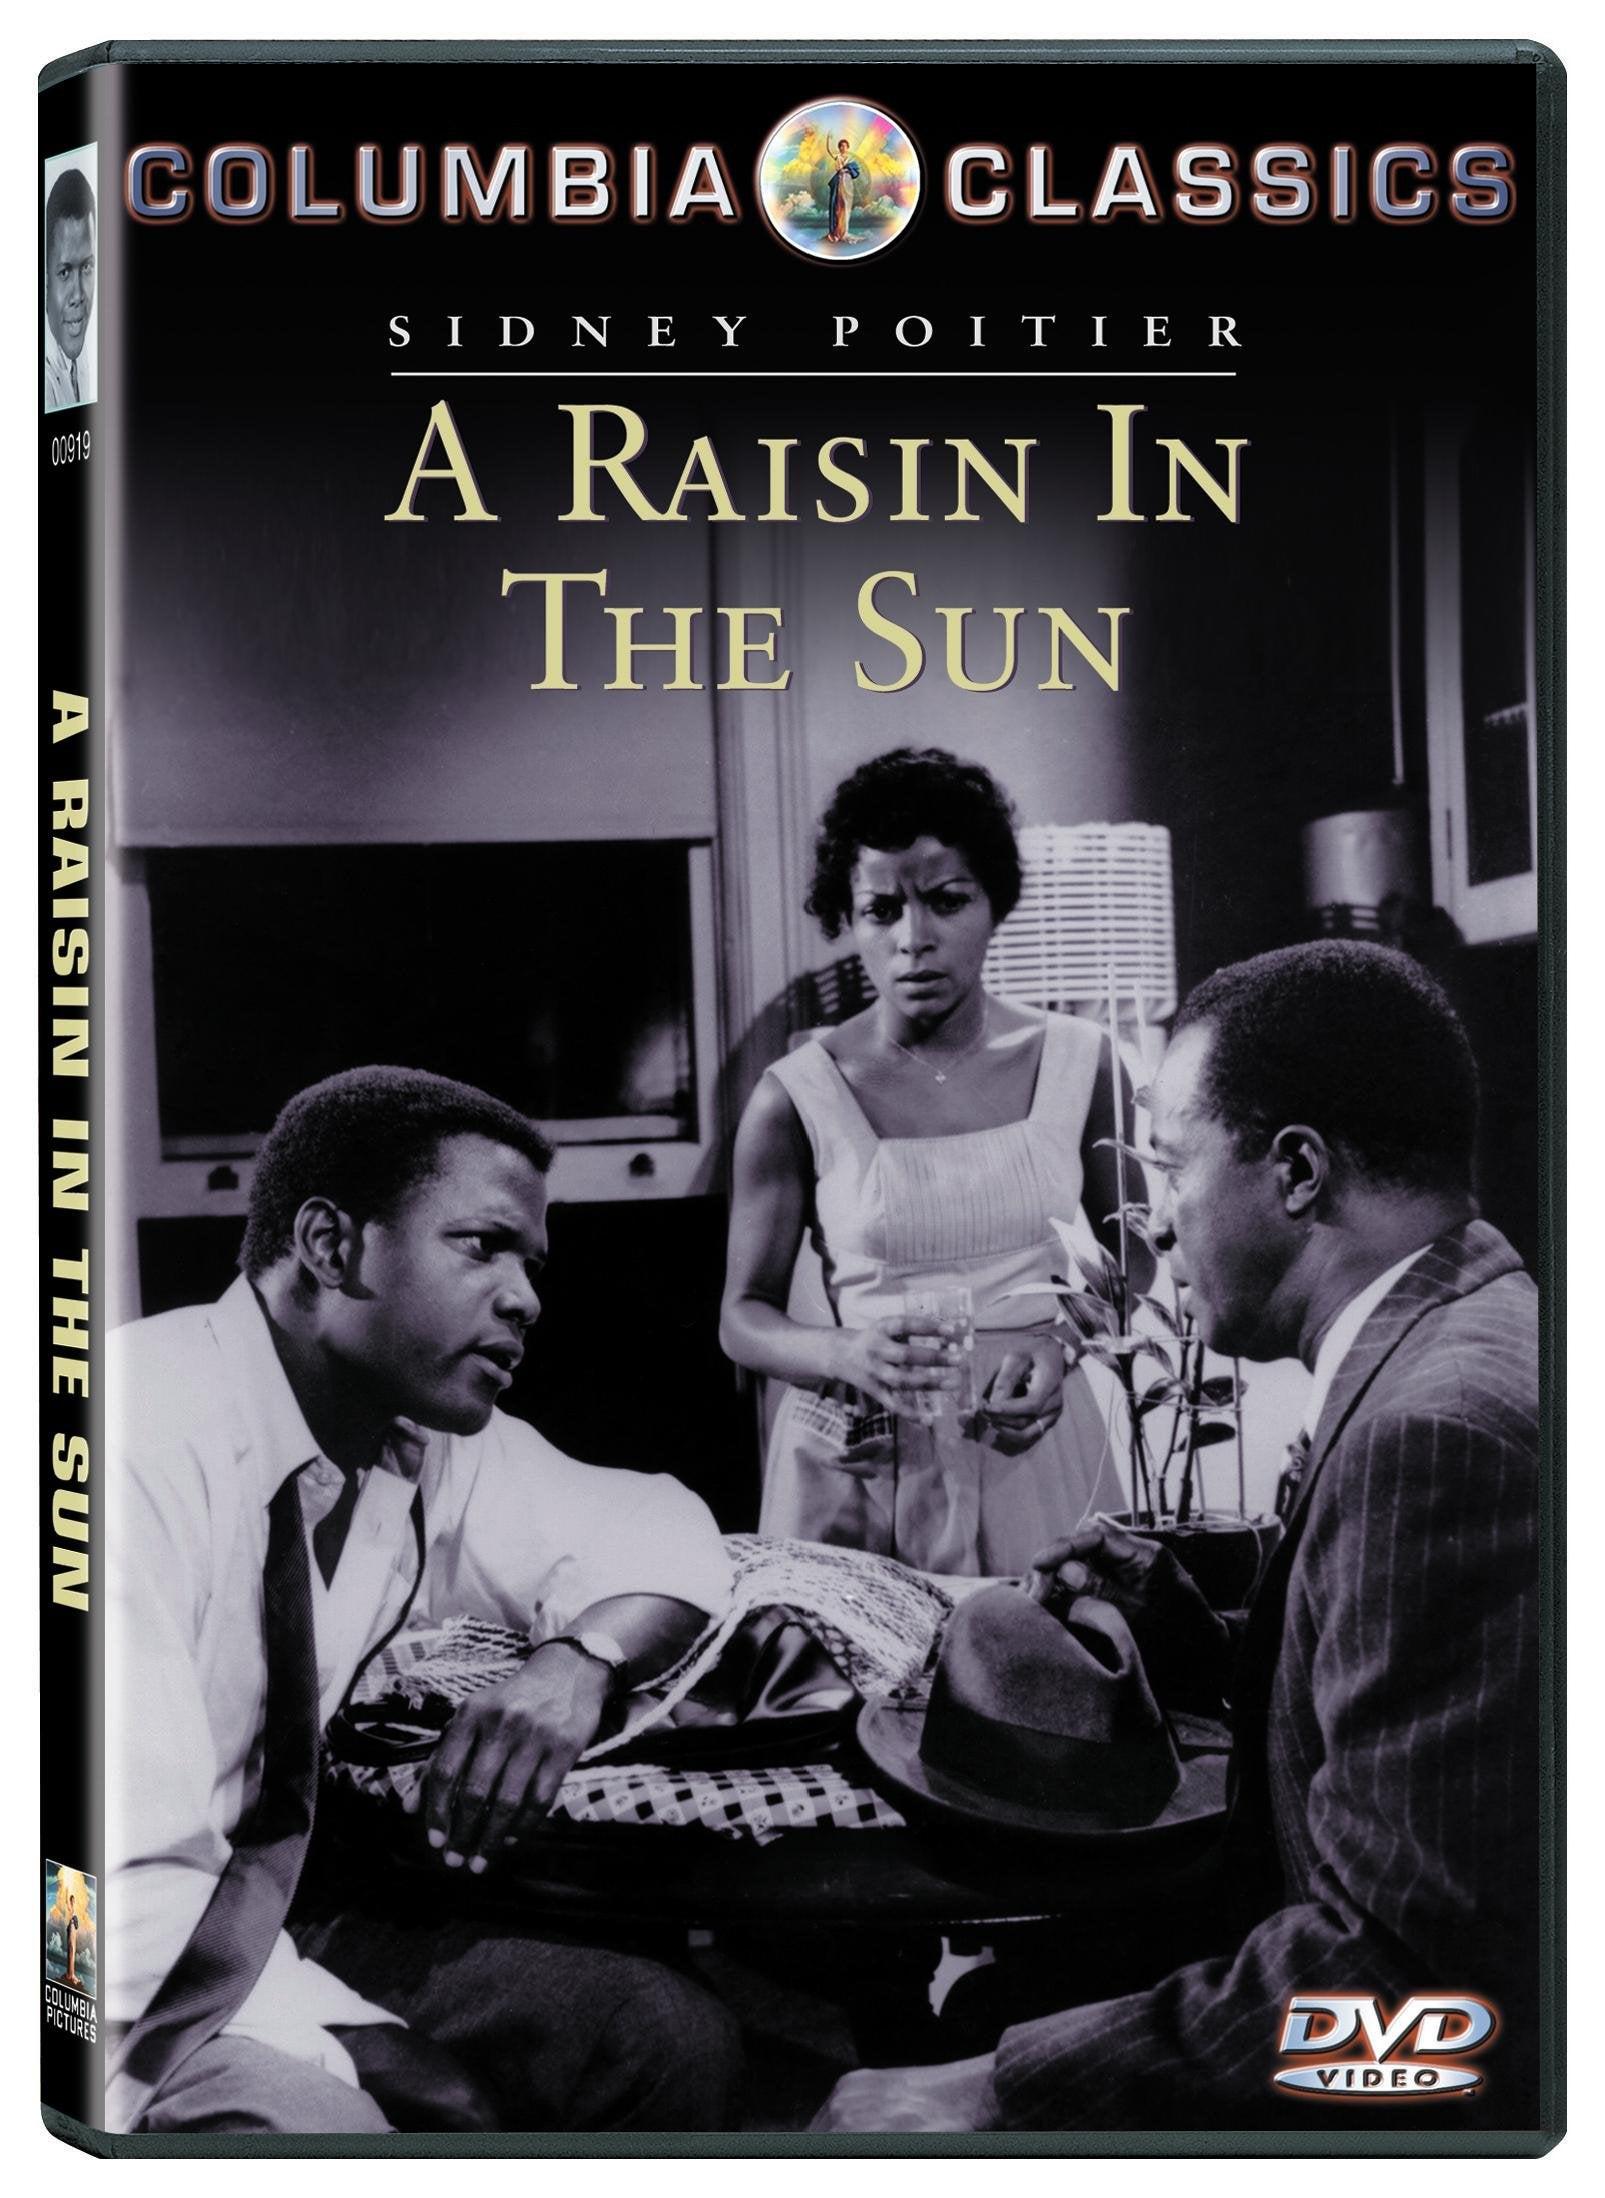 Raisin in the Sun (DVD)